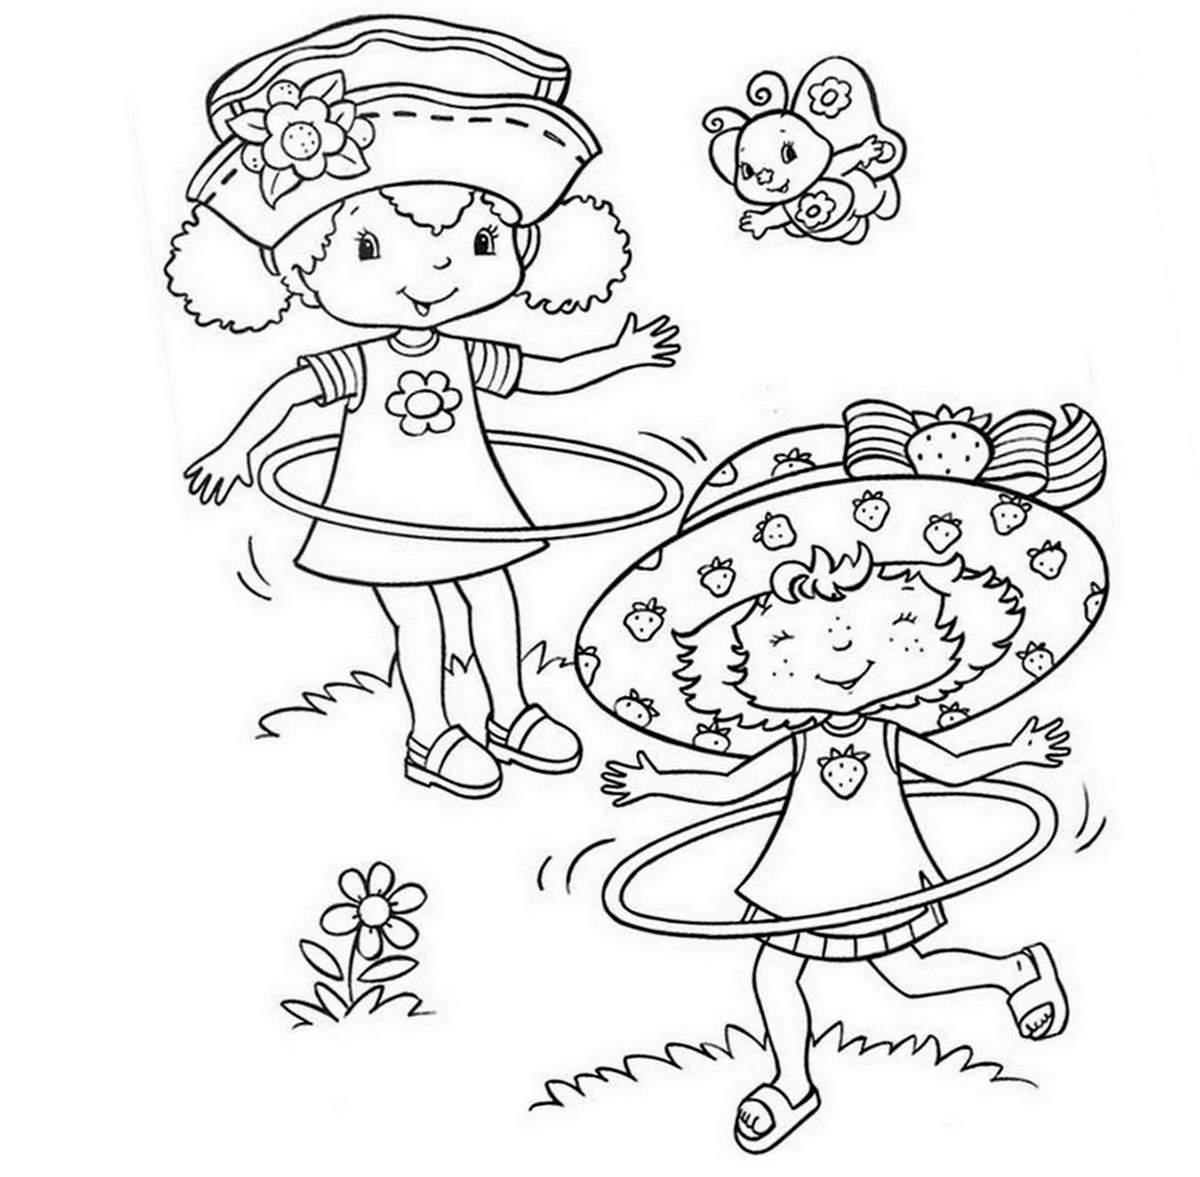 Coloriage charlotte aux fraises gratuit - dessin a imprimer #175